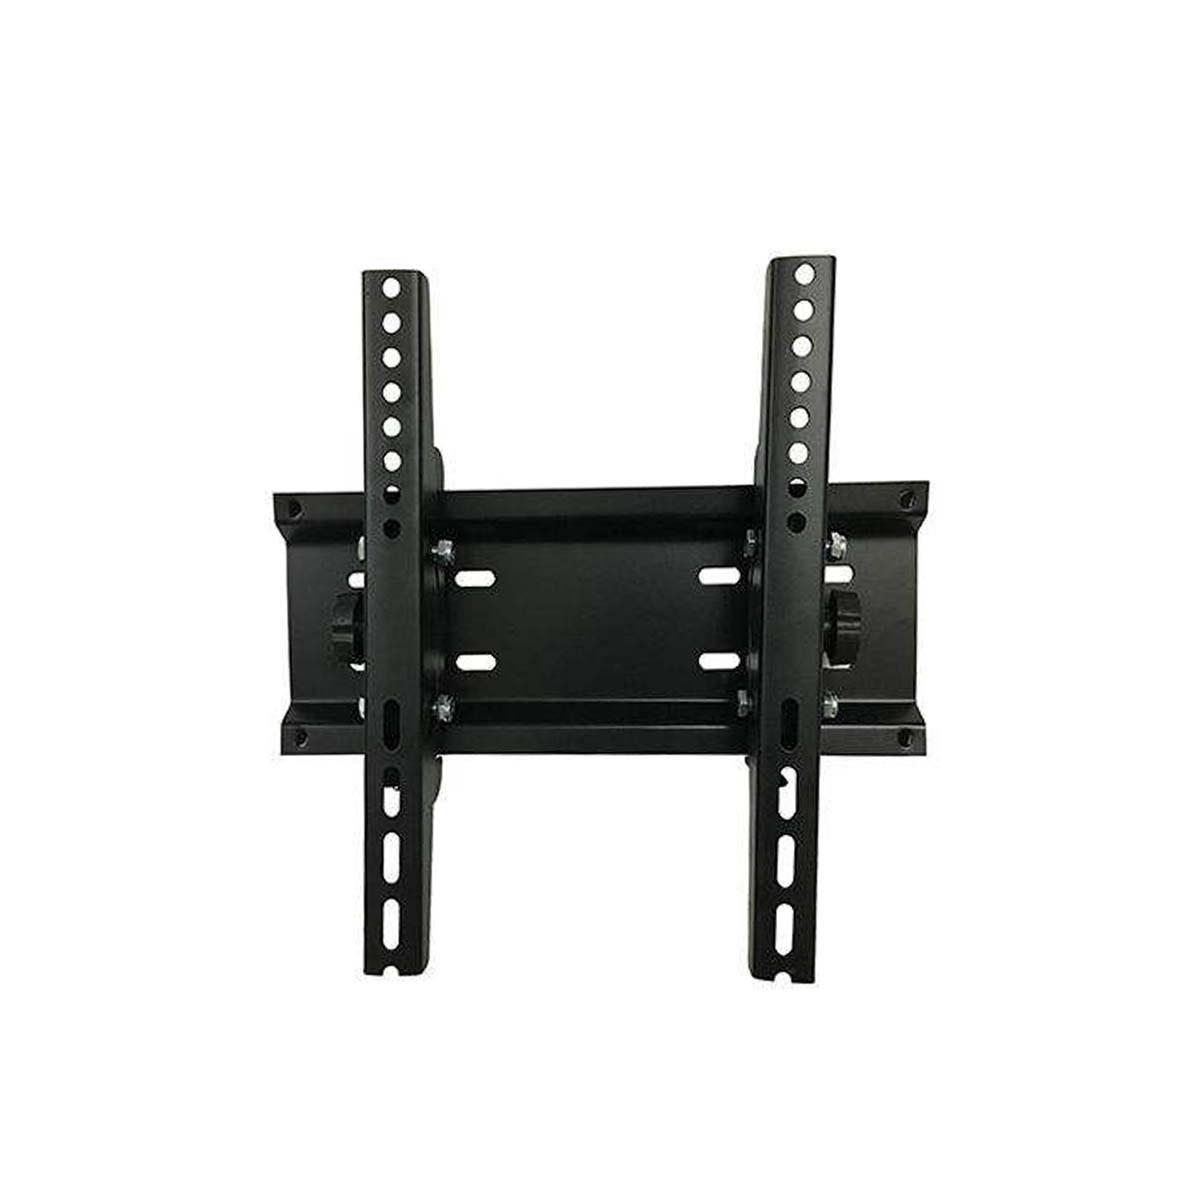 تصویر پایه دیواری آلفا مدل F1 مناسب برای تلوزیون 32 تا 43 اینچ